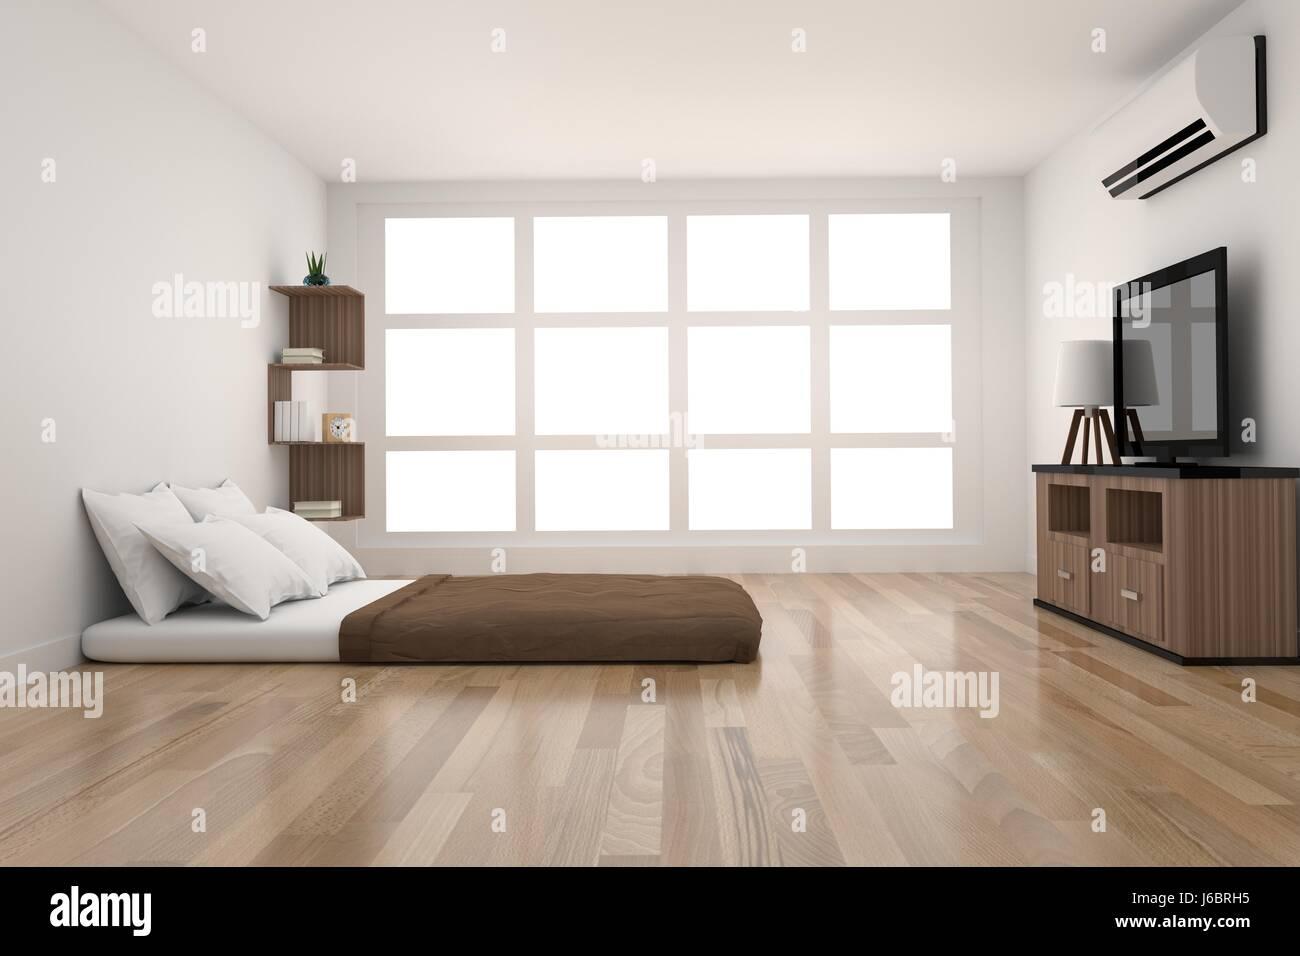 Camera da letto moderno decor in legno parquet progettare con la ...